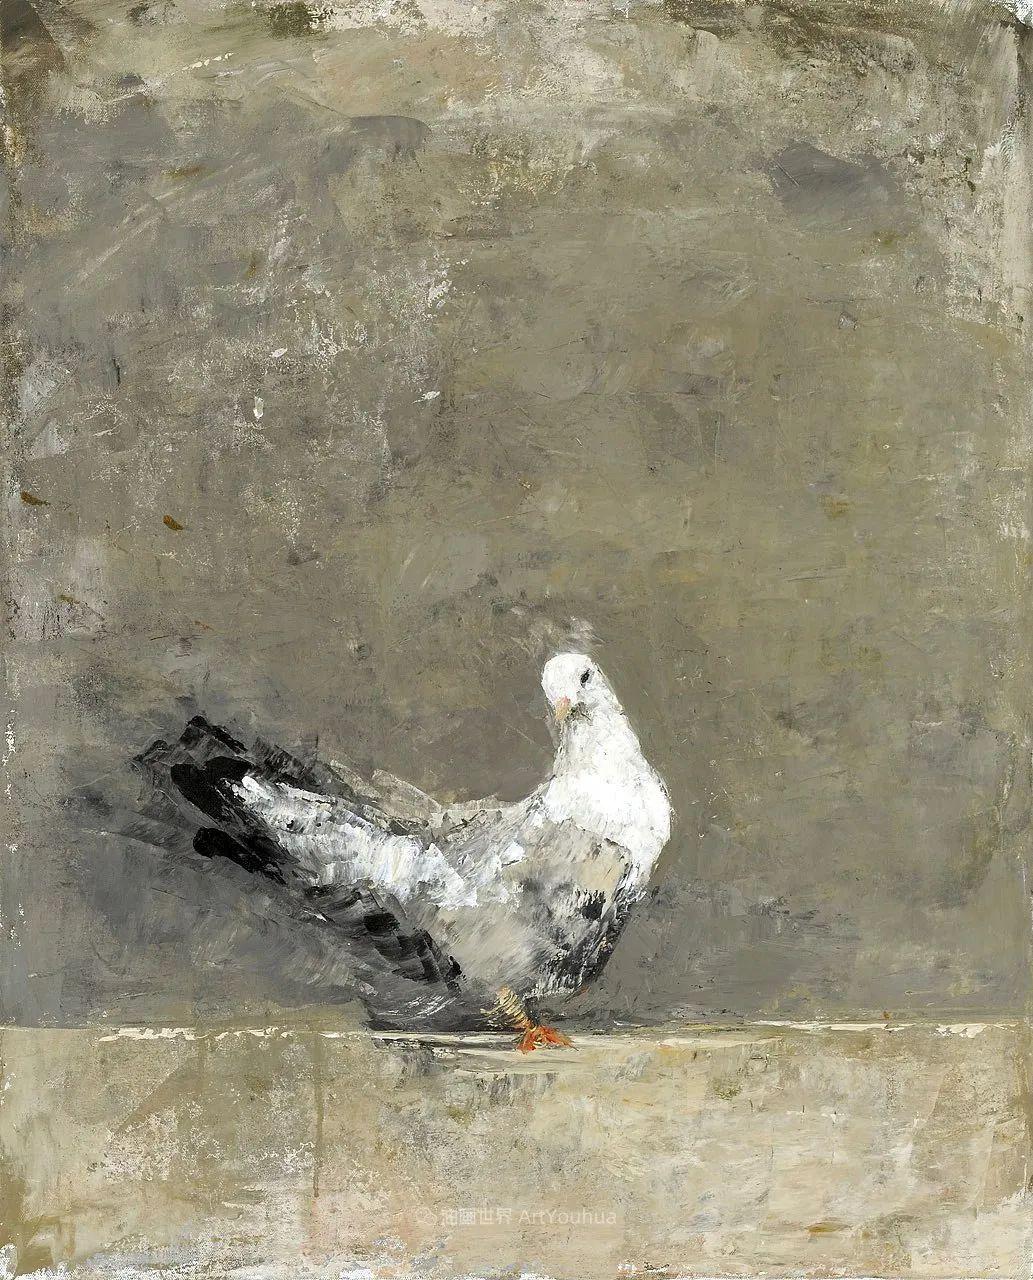 马耳他女画家 Goxwa Borg 戈克斯瓦·博格作品欣赏: 古典又现代!插图25